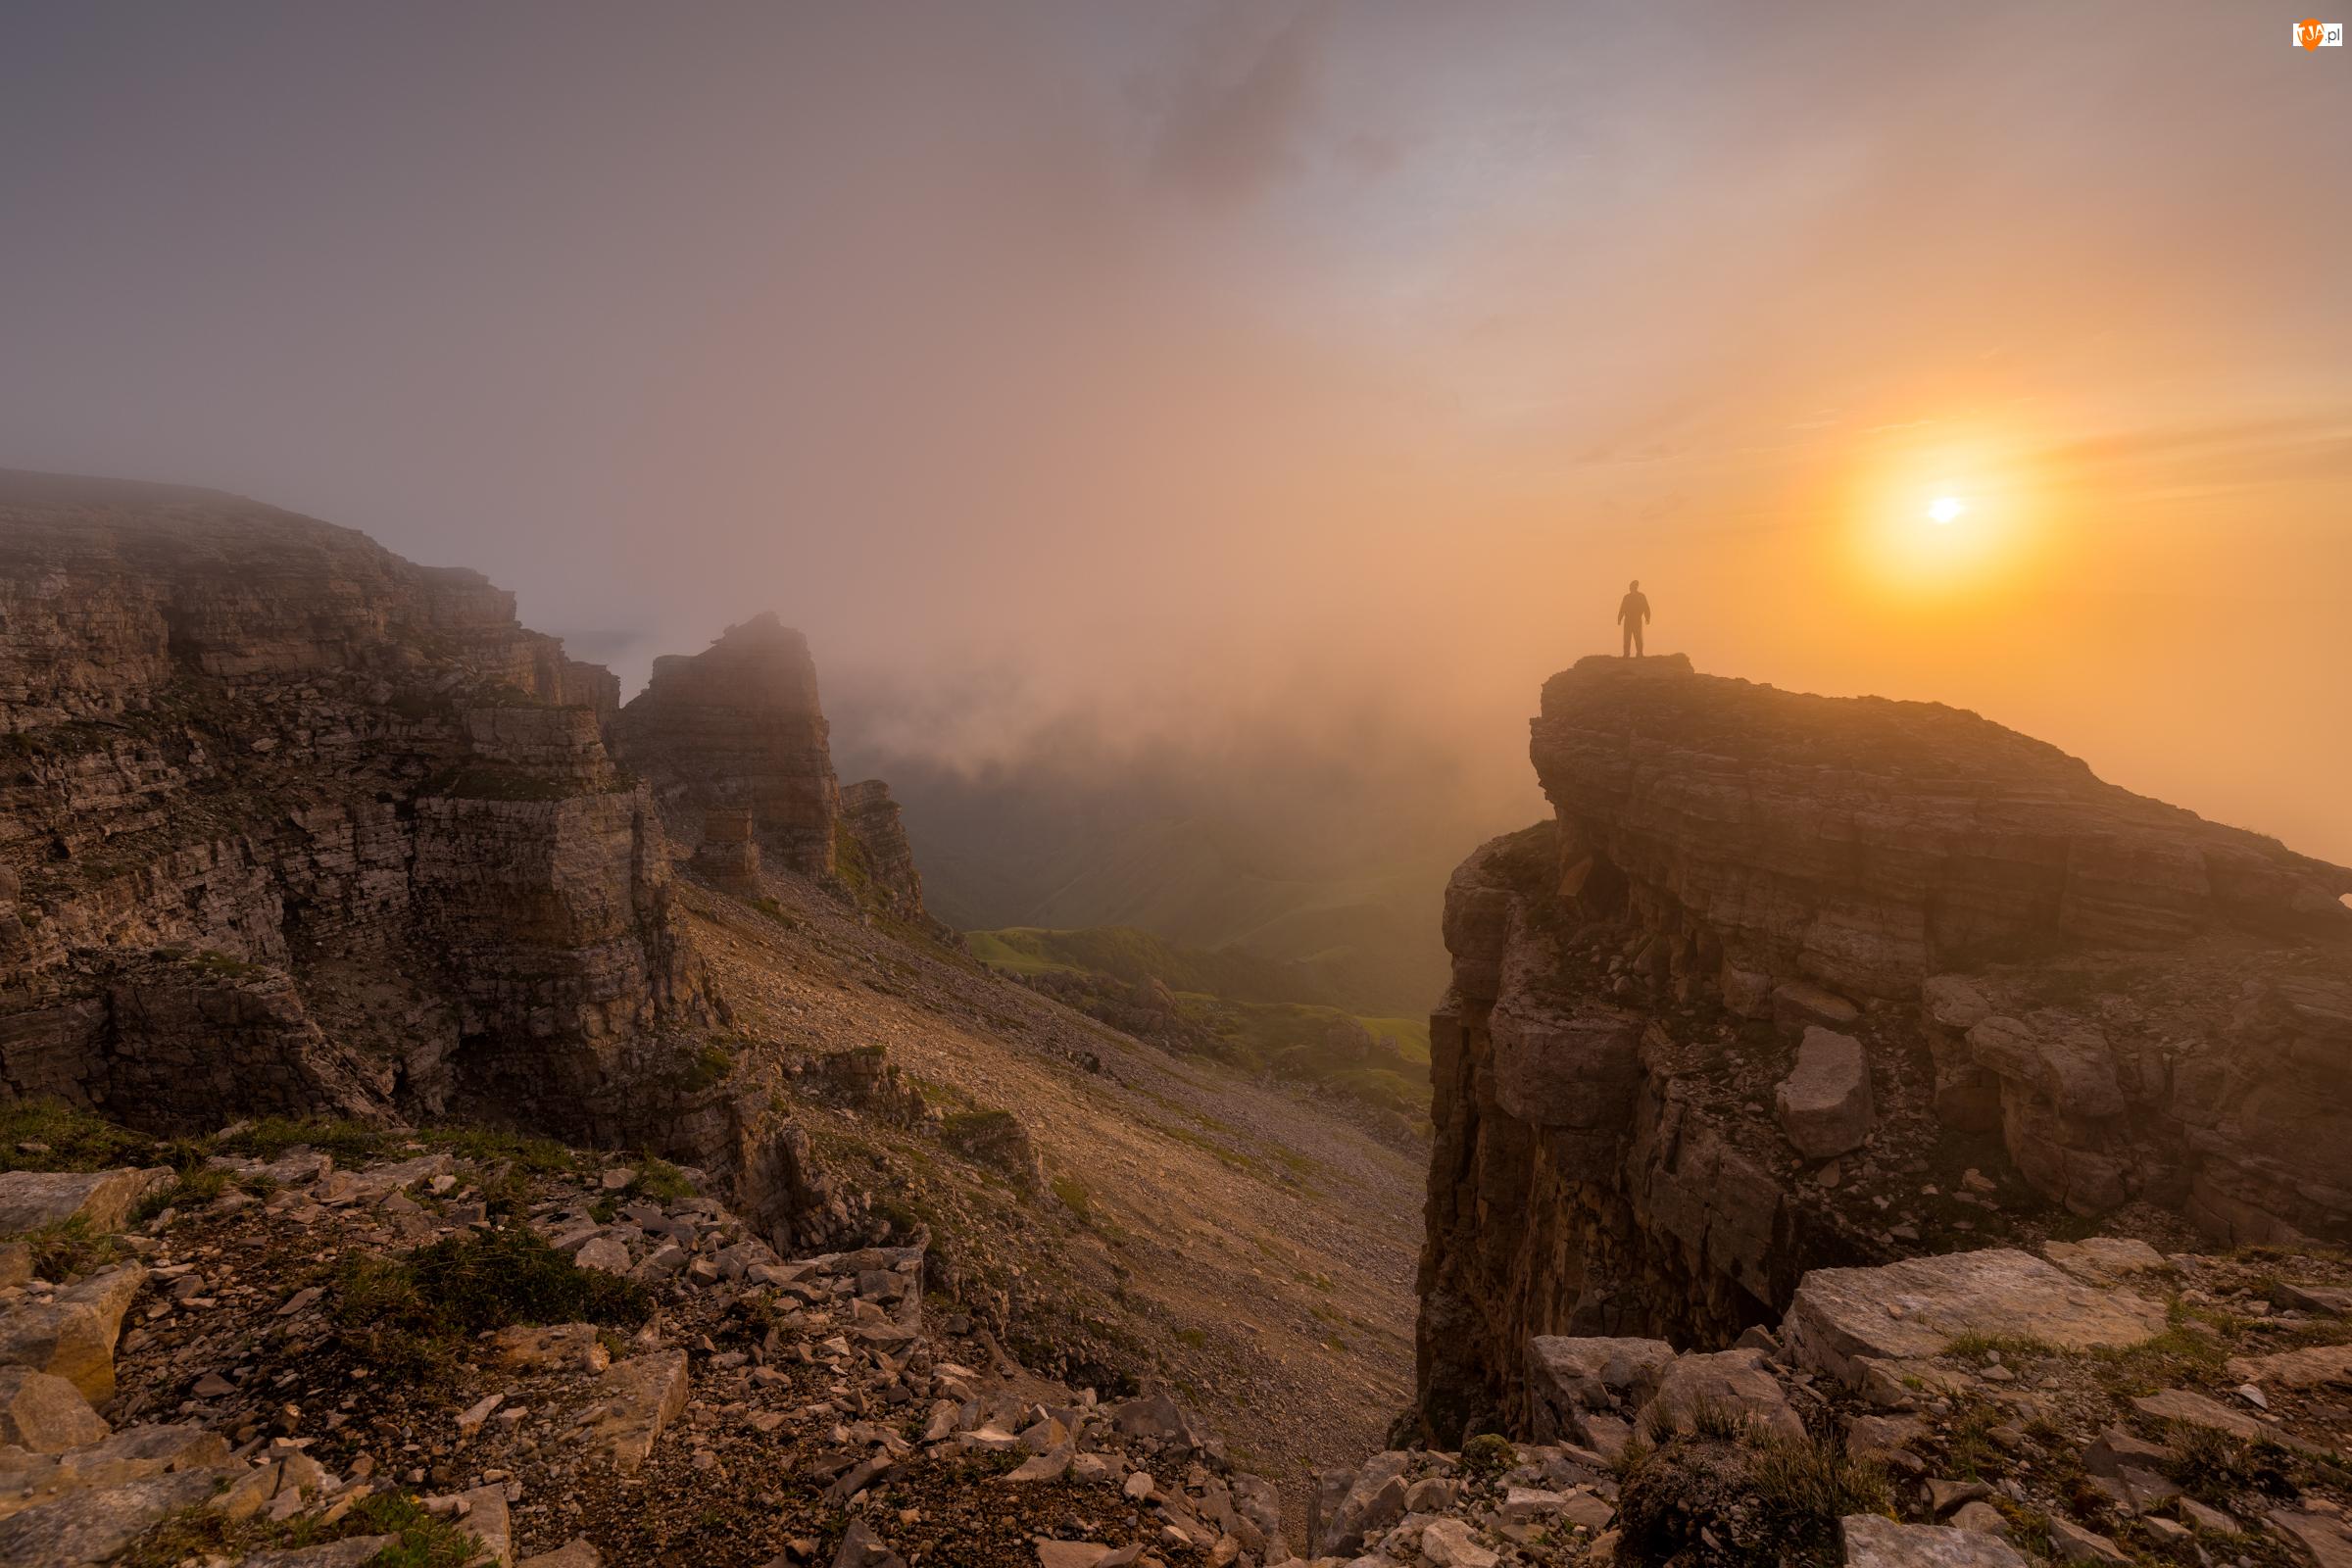 Rosja, Kaukaz, Republika Karaczajo-Czerkiesja, Promienie słońca, Płaskowyż Bermamyt, Skały, Mgła, Góry, Człowiek